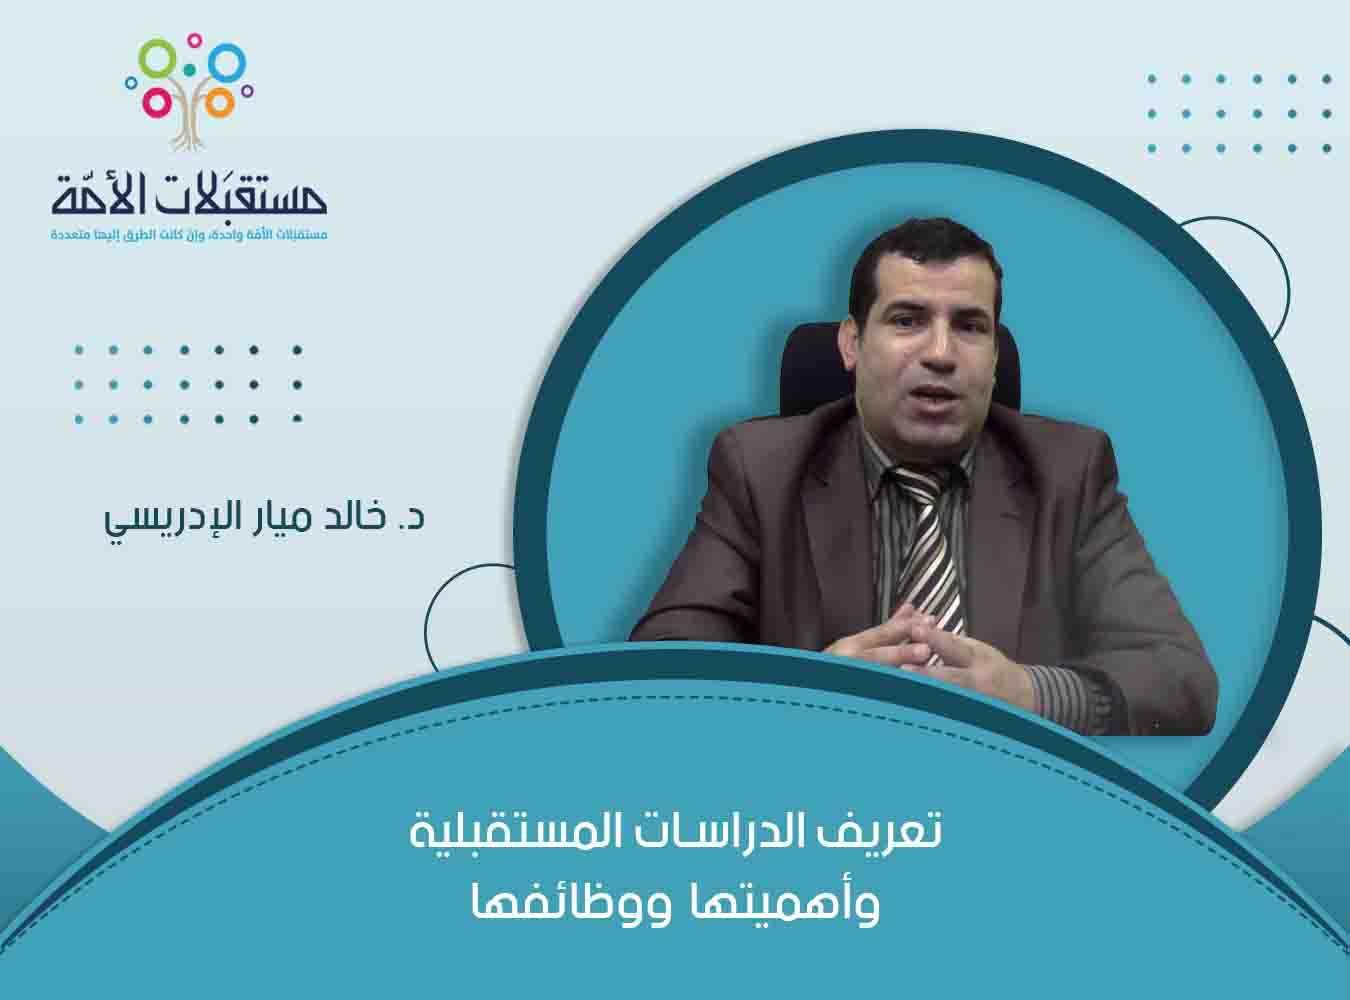 تعريف الدراسات المستقبلية وأهميتها ووظائفها | د. خالد ميار الإدريسي